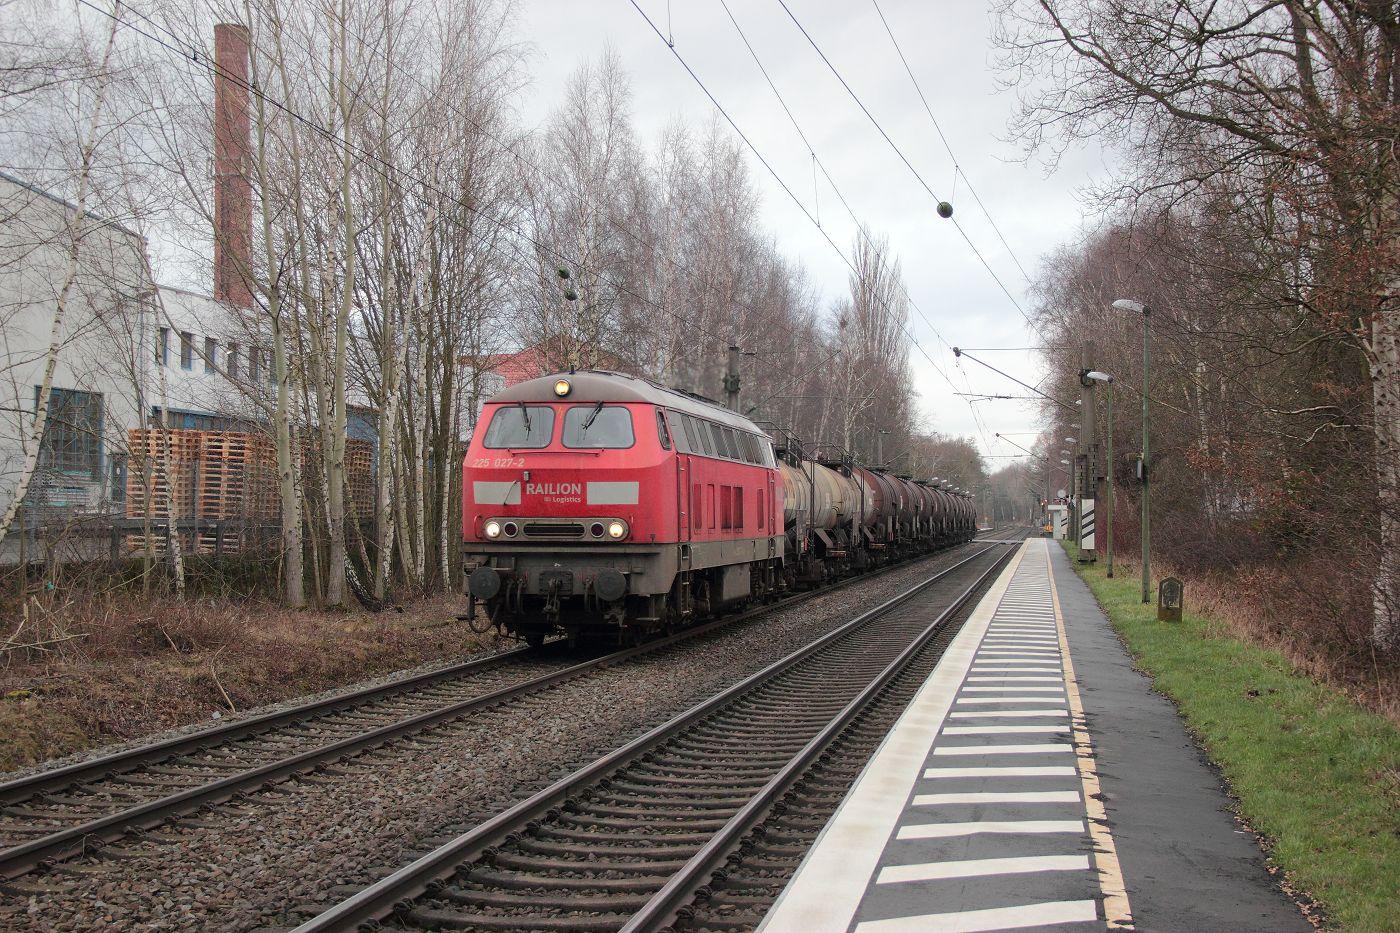 http://www.nachtbahner.de/Fotos/2014-02-11%20225er%20rund%20um%20Oldenburg/k-IMG_1055%20225er%20rund%20um%20Oldenburg%2011.02.14%20(10).JPG